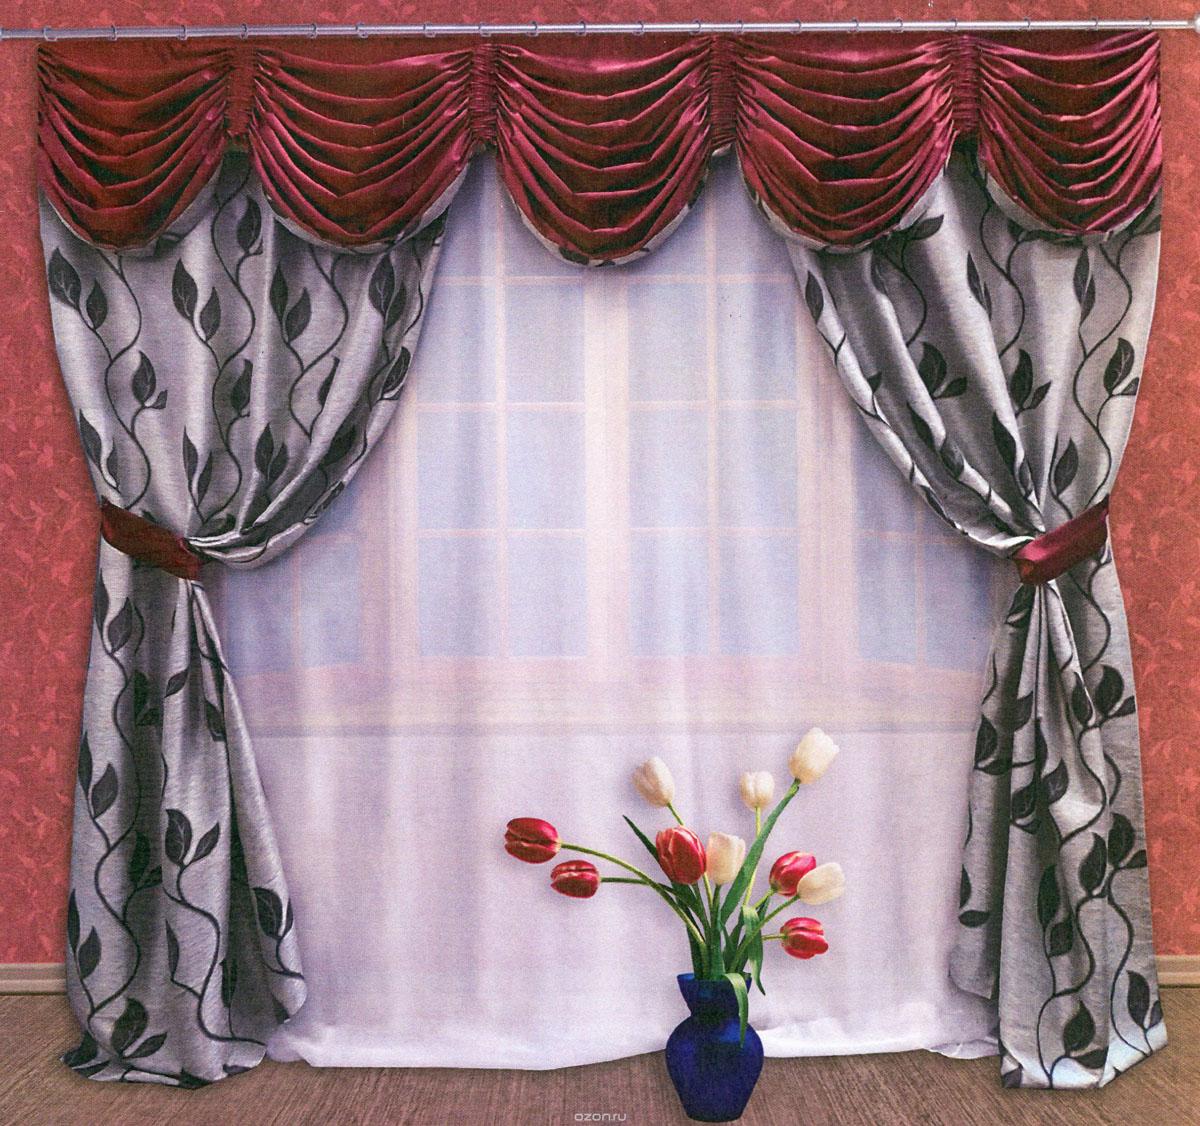 Комплект штор Zlata Korunka, на ленте, цвет: серый, бордовый, высота 250 см. 5550855508Роскошный комплект штор Zlata Korunka, выполненный из ткани сатин санрайз и шанзализе (100% полиэстера), великолепно украсит любое окно. Комплект состоит из двух портьер, ламбрекена и двух подхватов. Плотная ткань, изображение листьев и приятная, приглушенная гамма привлекут к себе внимание и органично впишутся в интерьер помещения. Комплект крепится на карниз при помощи шторной ленты, которая поможет красиво и равномерно задрапировать верх. Портьеры можно зафиксировать в одном положении с помощью двух подхватов. Этот комплект будет долгое время радовать вас и вашу семью! В комплект входит: Портьера: 2 шт. Размер (ШхВ): 145 см х 250 см. Ламбрекен: 1 шт. Размер (ШхВ): 300 см х 50 см.Подхват: 2 шт. Размер (ШхВ): 60 см х 10 см.